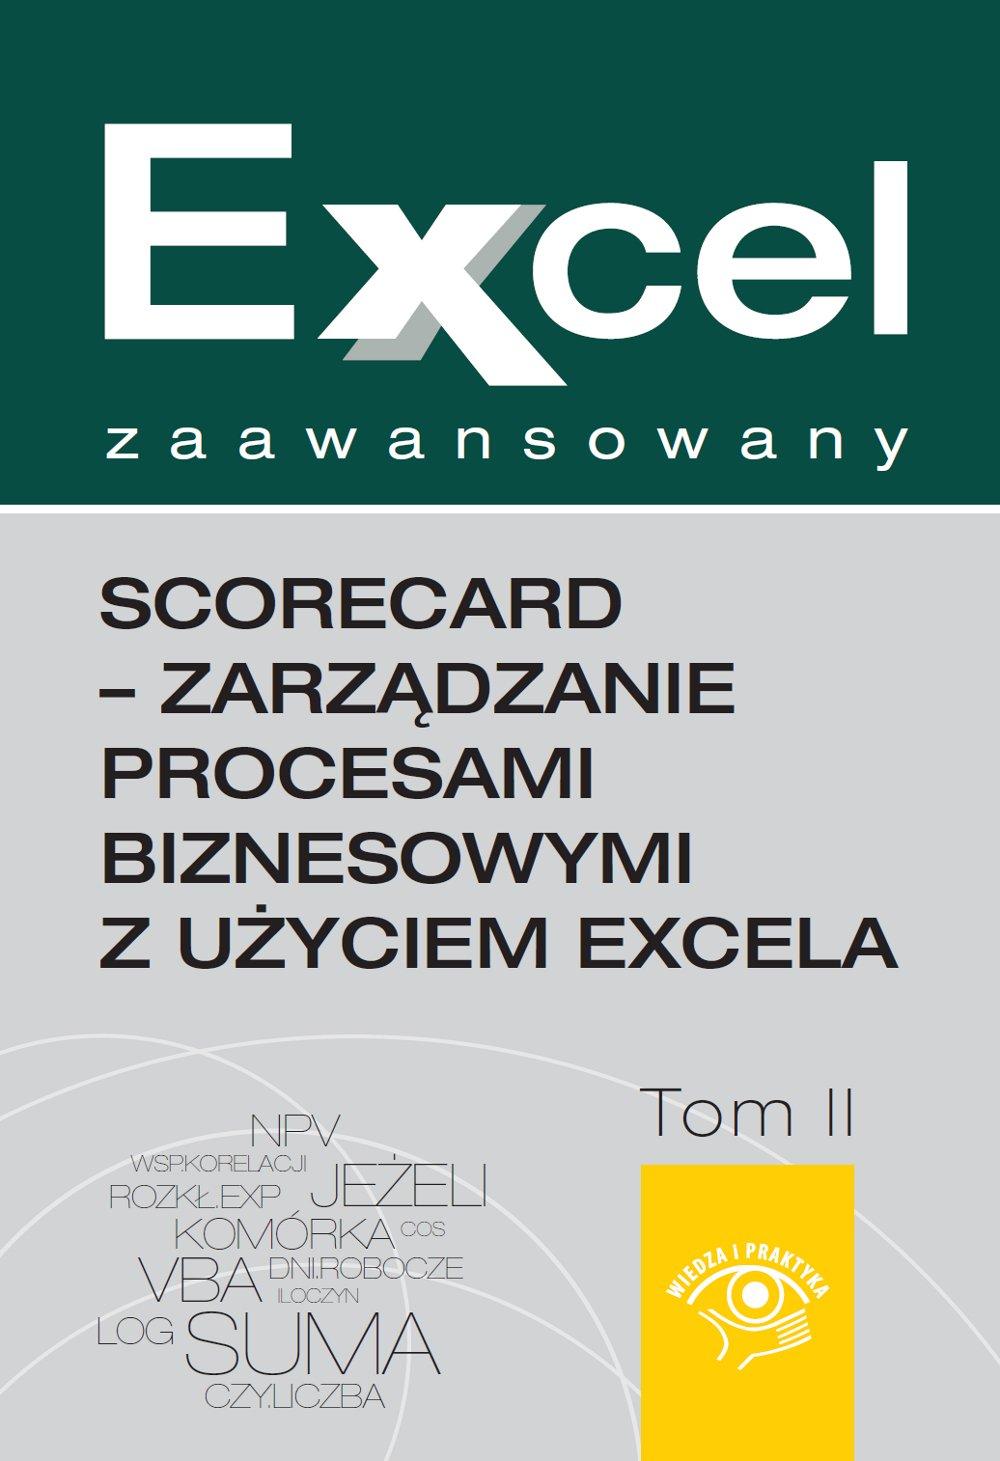 Excel zaawansowany  - ScoreCard - zarządzanie procesami biznesowymi z użyciem Excela - Ebook (Książka PDF) do pobrania w formacie PDF